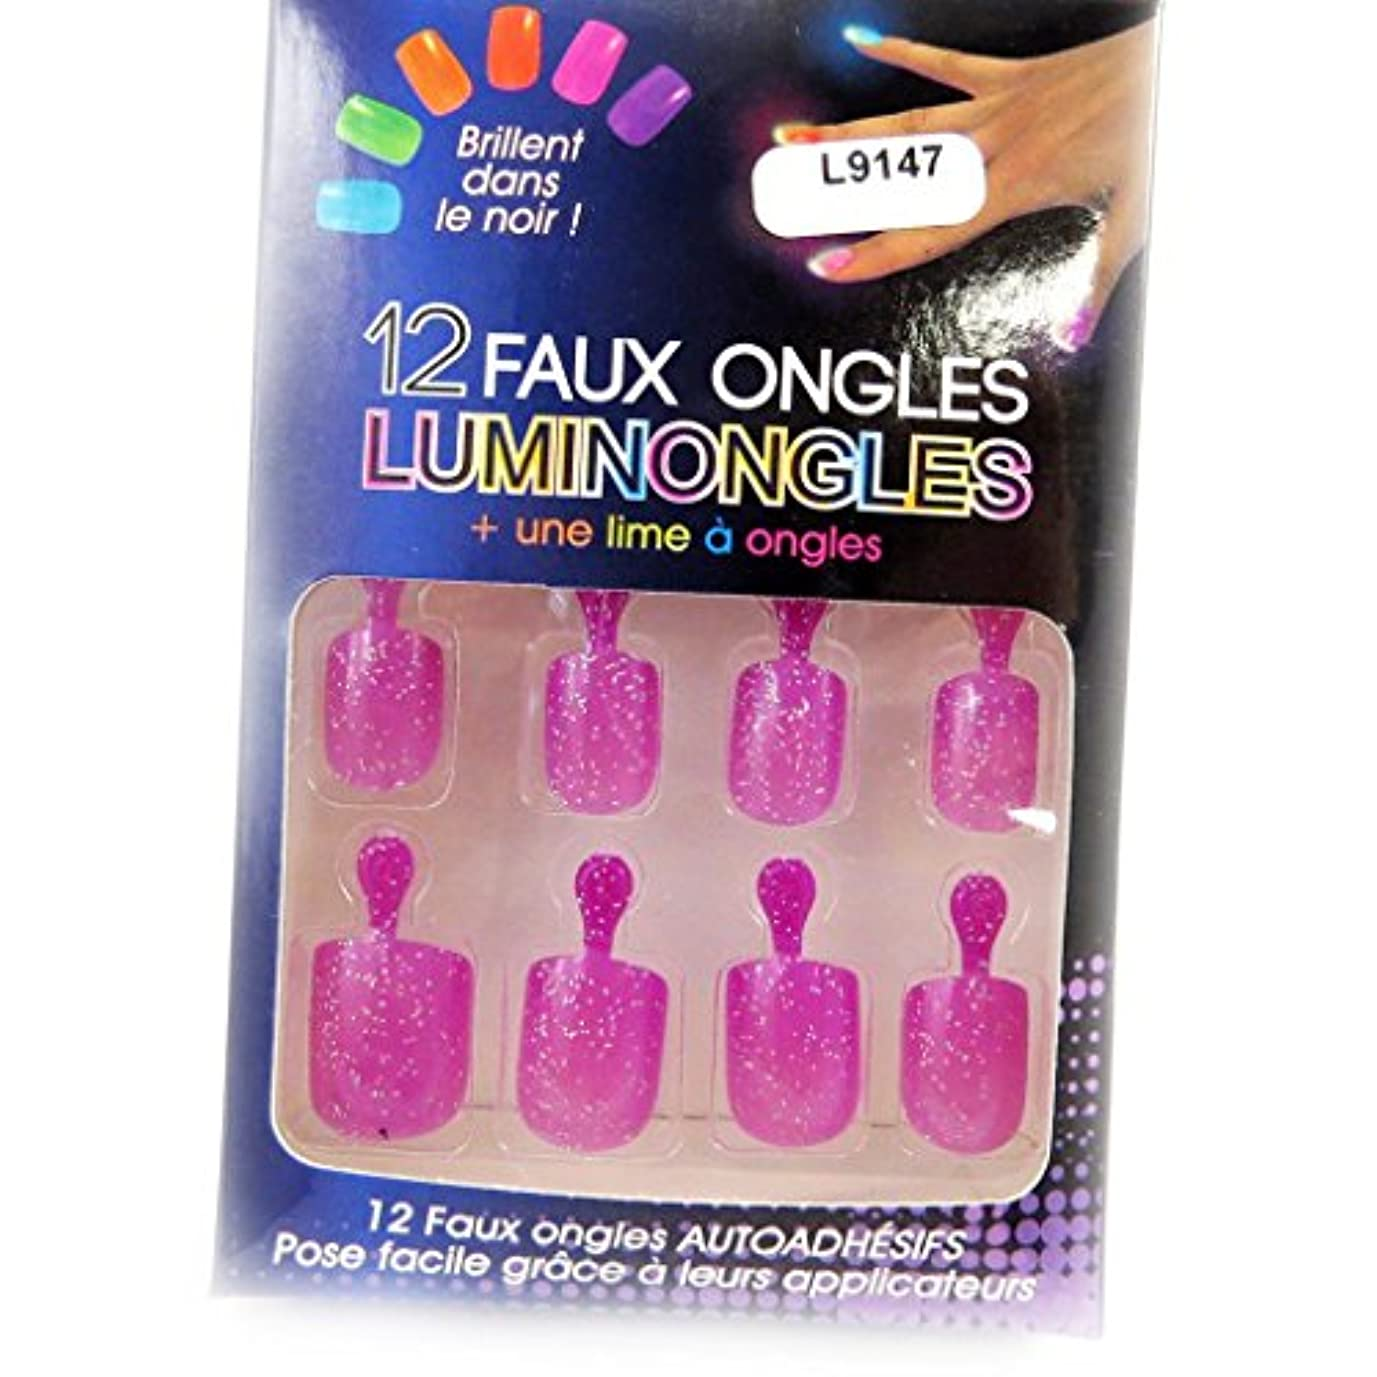 代わって葉っぱ悩む[リリーの宝 (Les Tresors De Lily)] (Luminongles コレクション) [L9147] アクリルスカルプチュア ピンク